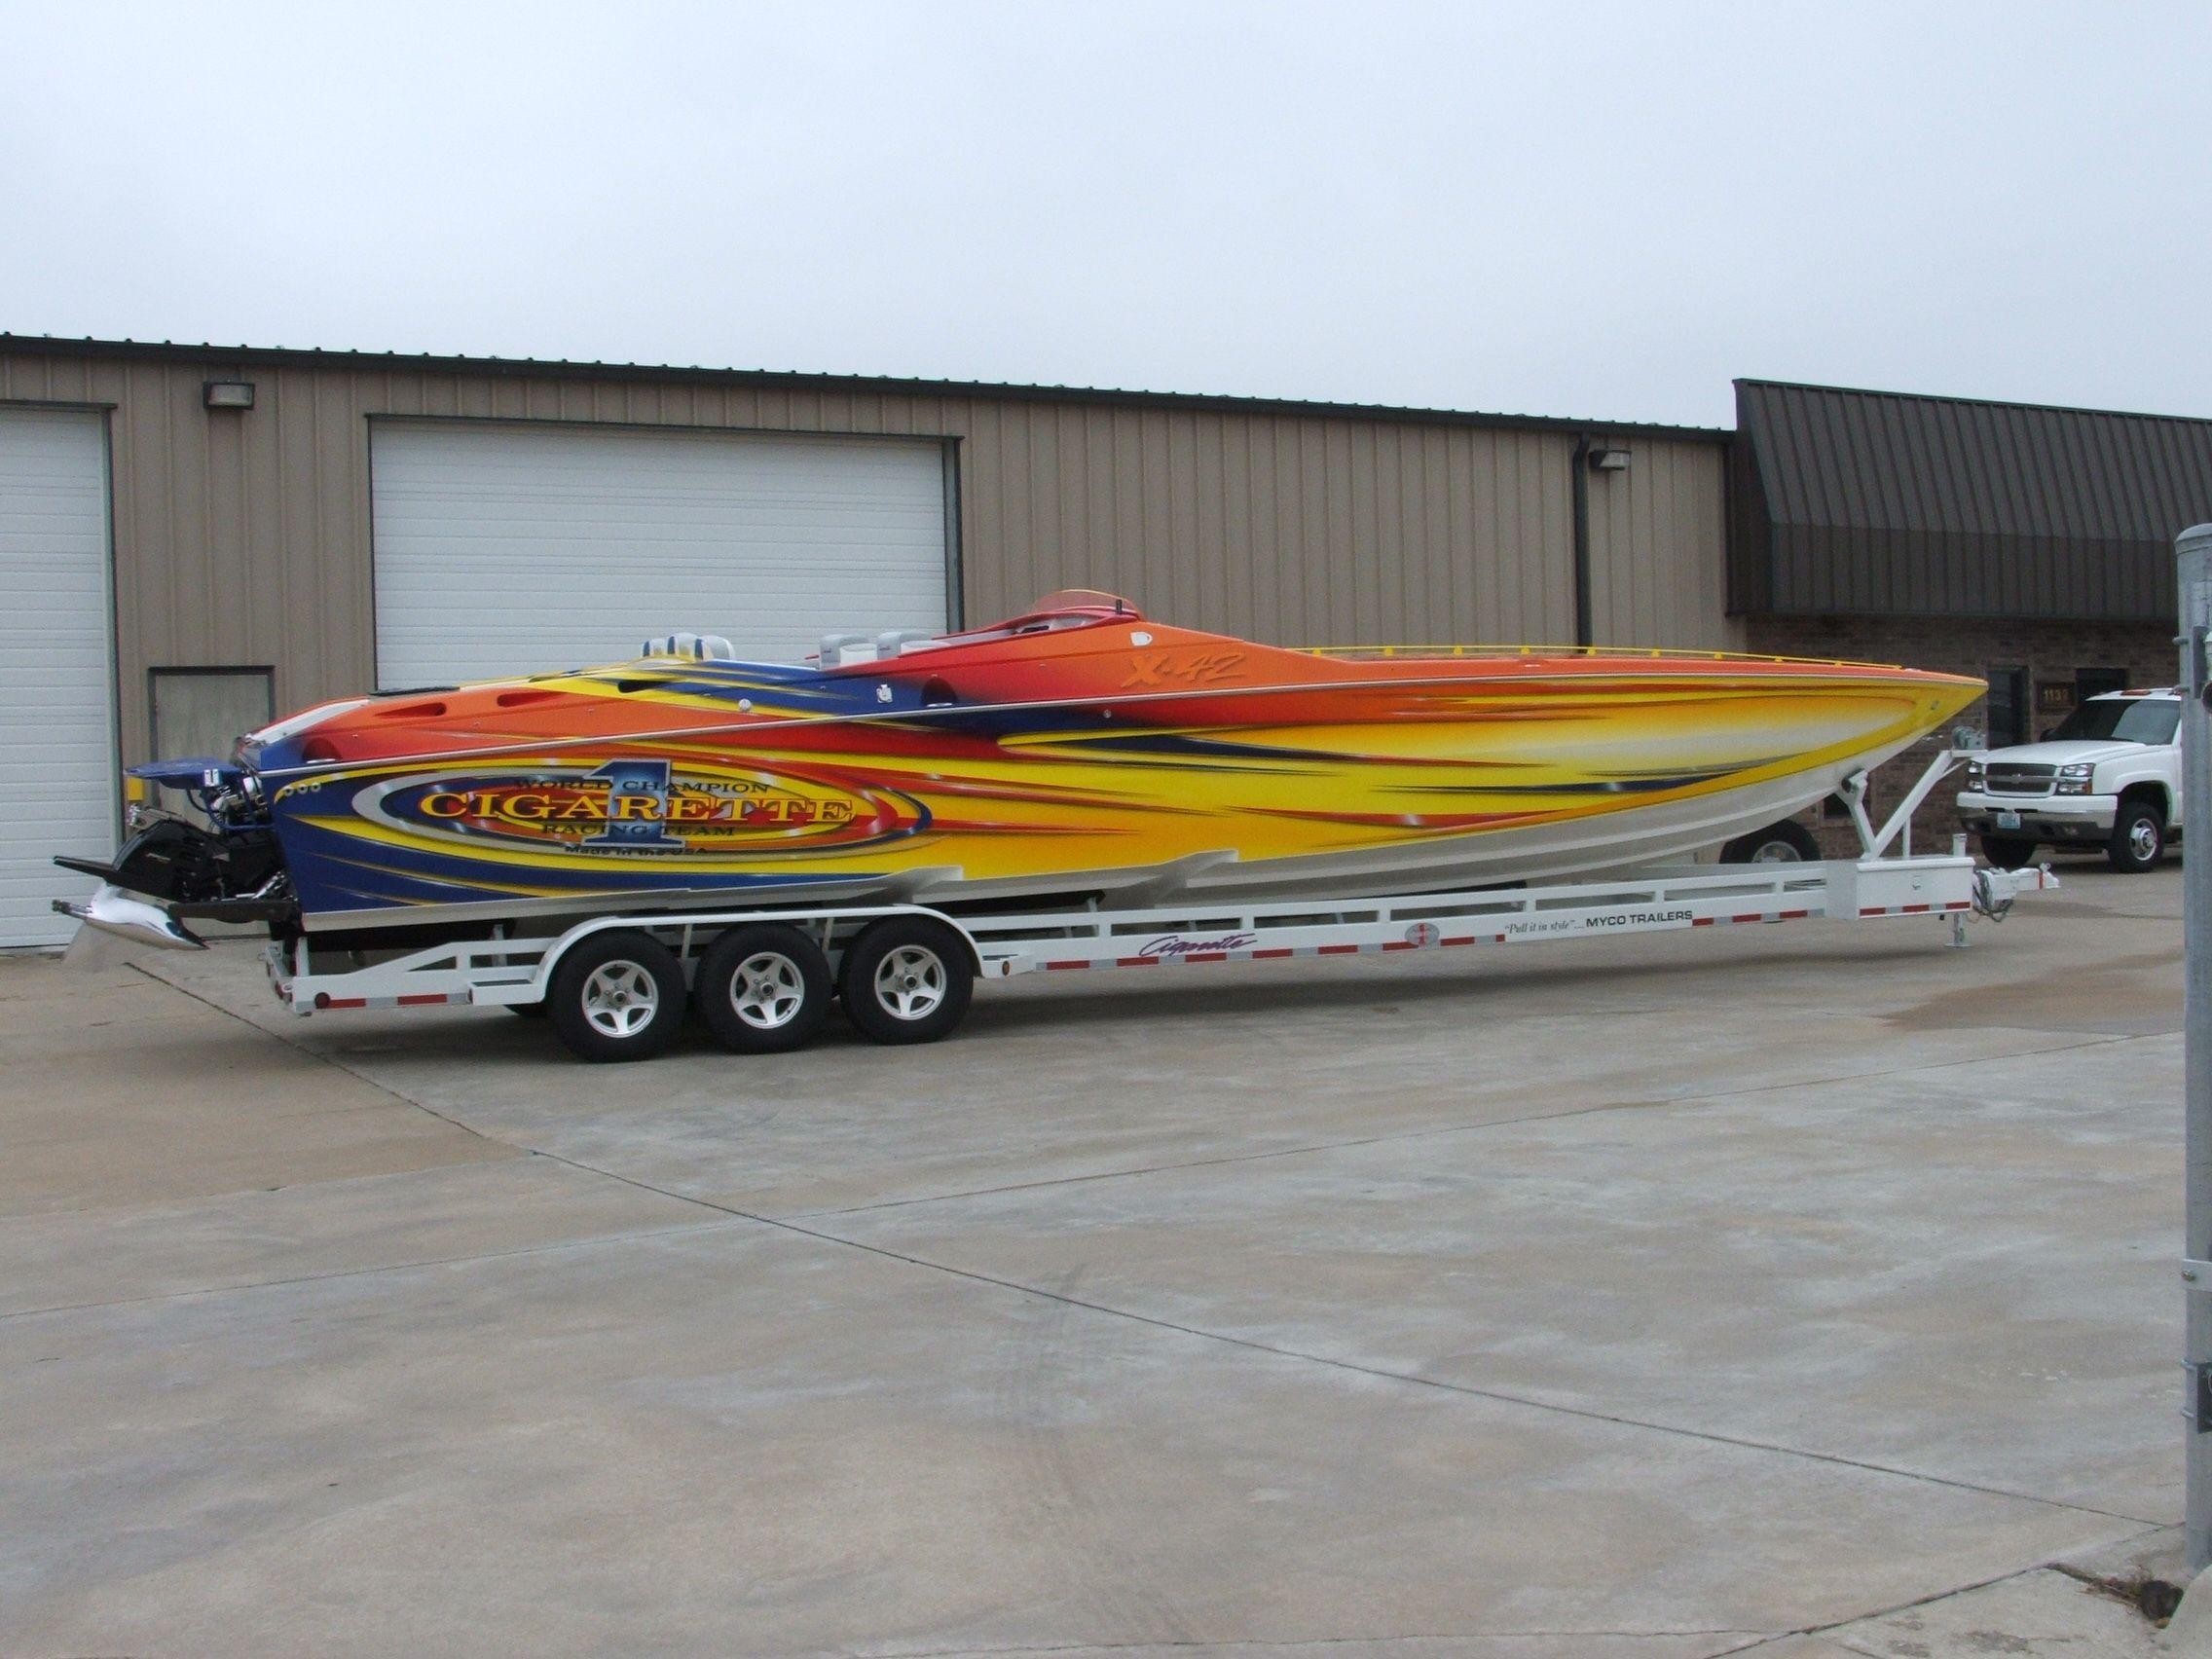 cigarette boats | Auto Sales - Cigarette Boat | Speed boats